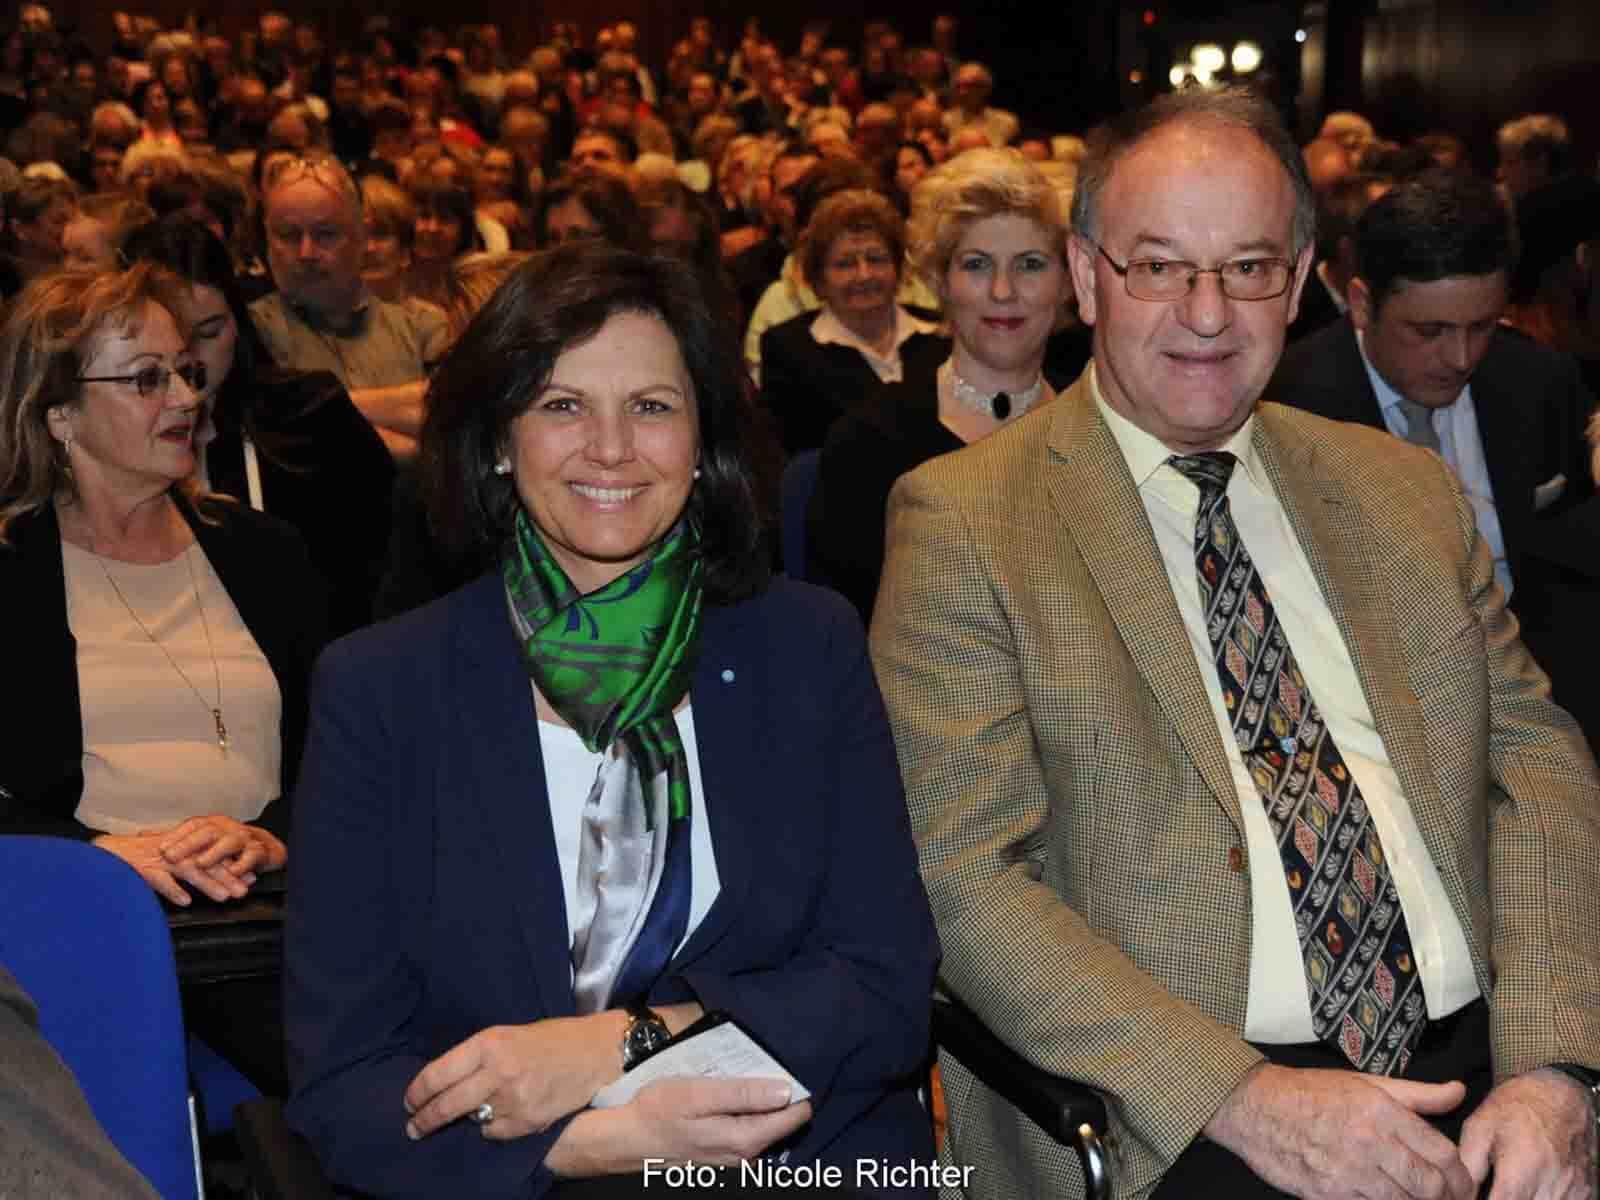 Staatsministerin Ilse Aigner (mi.) und Landrat Wolfgang Berthaler, Vorsitzender der Sparkassenstiftung Zukunft für den Landkreis Rosenheim, zählten ebenfalls zu den Gästen am Premierenabend.